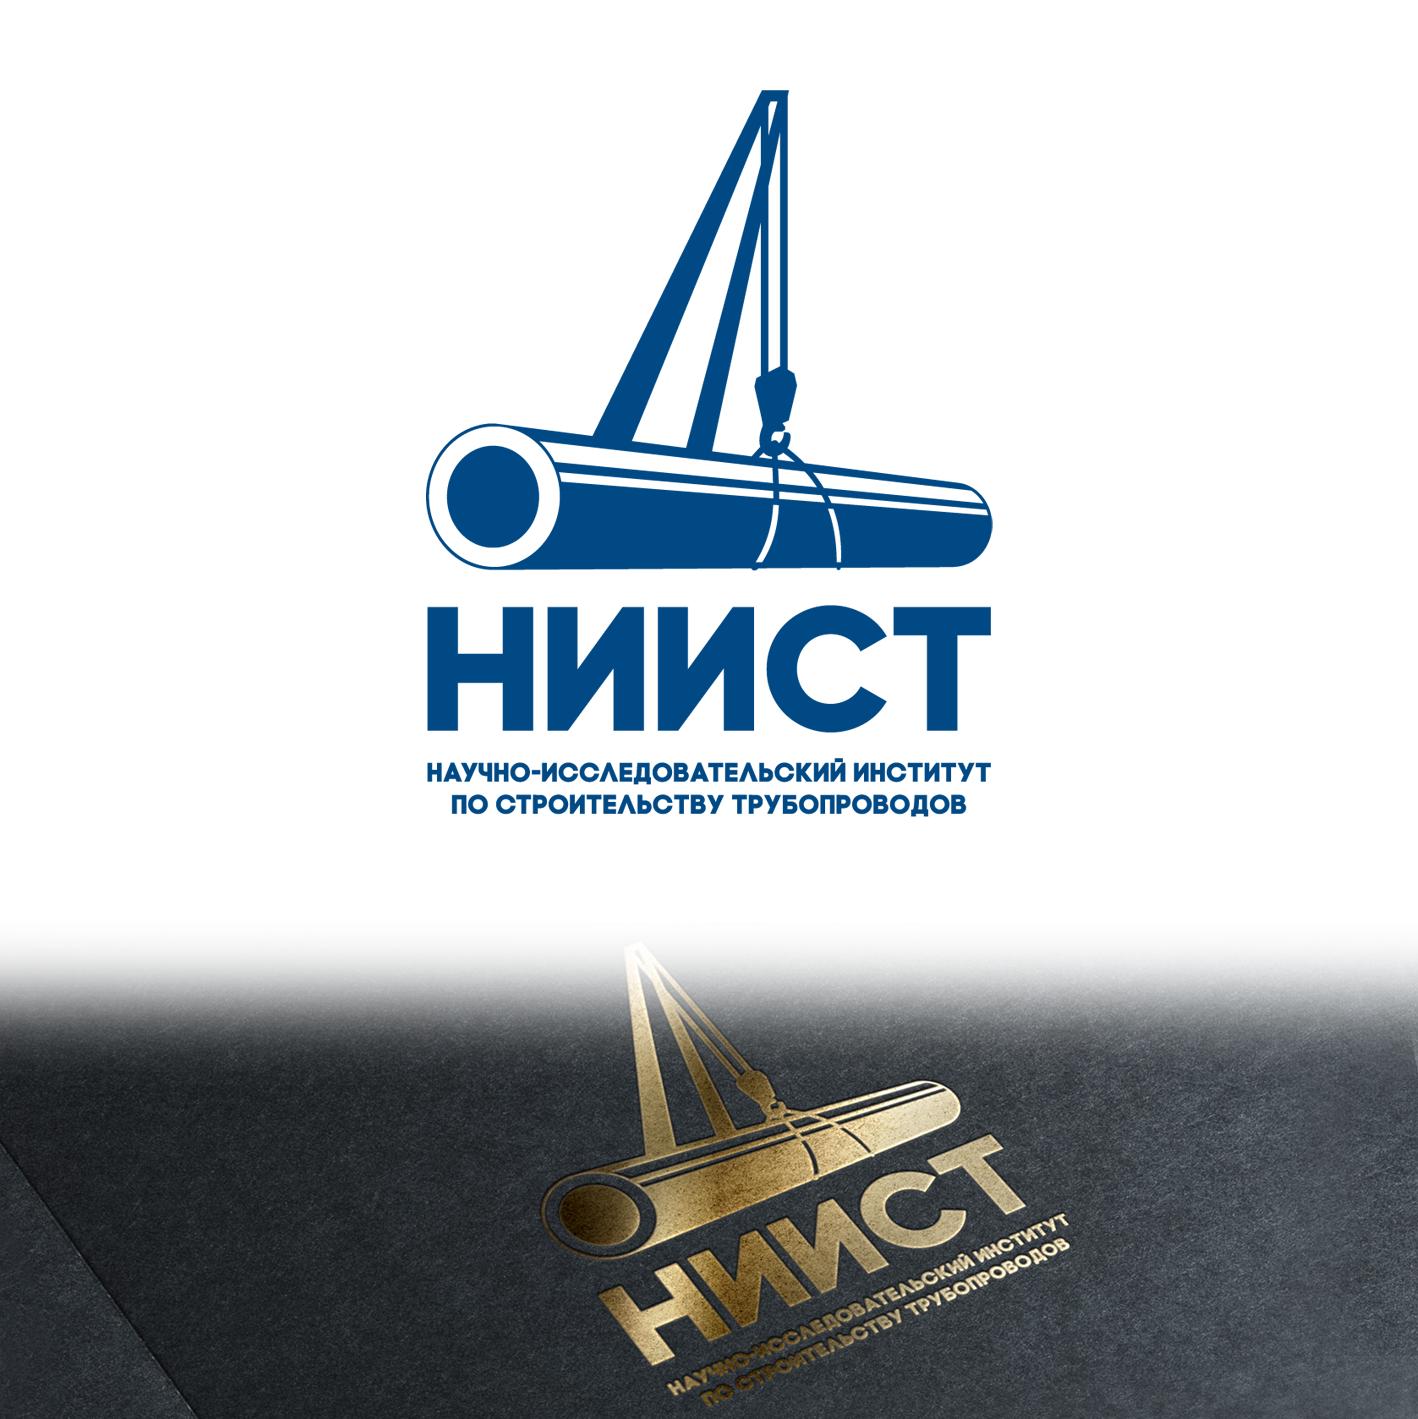 Разработка логотипа фото f_5005b9cd0886ecbe.png